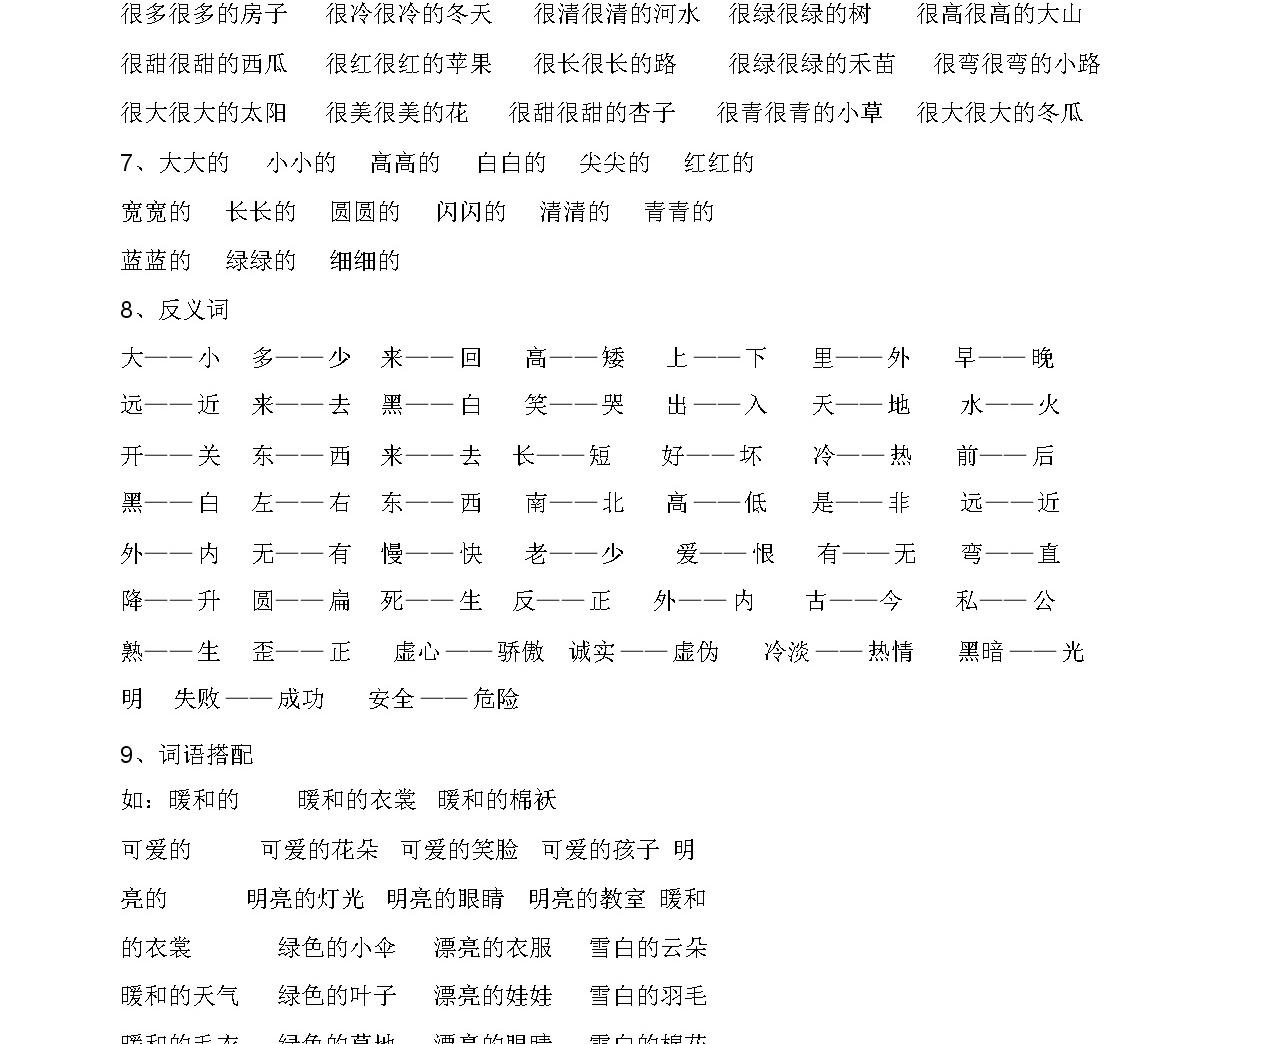 人教版 一年級語文上冊 知識點整理-8頁04